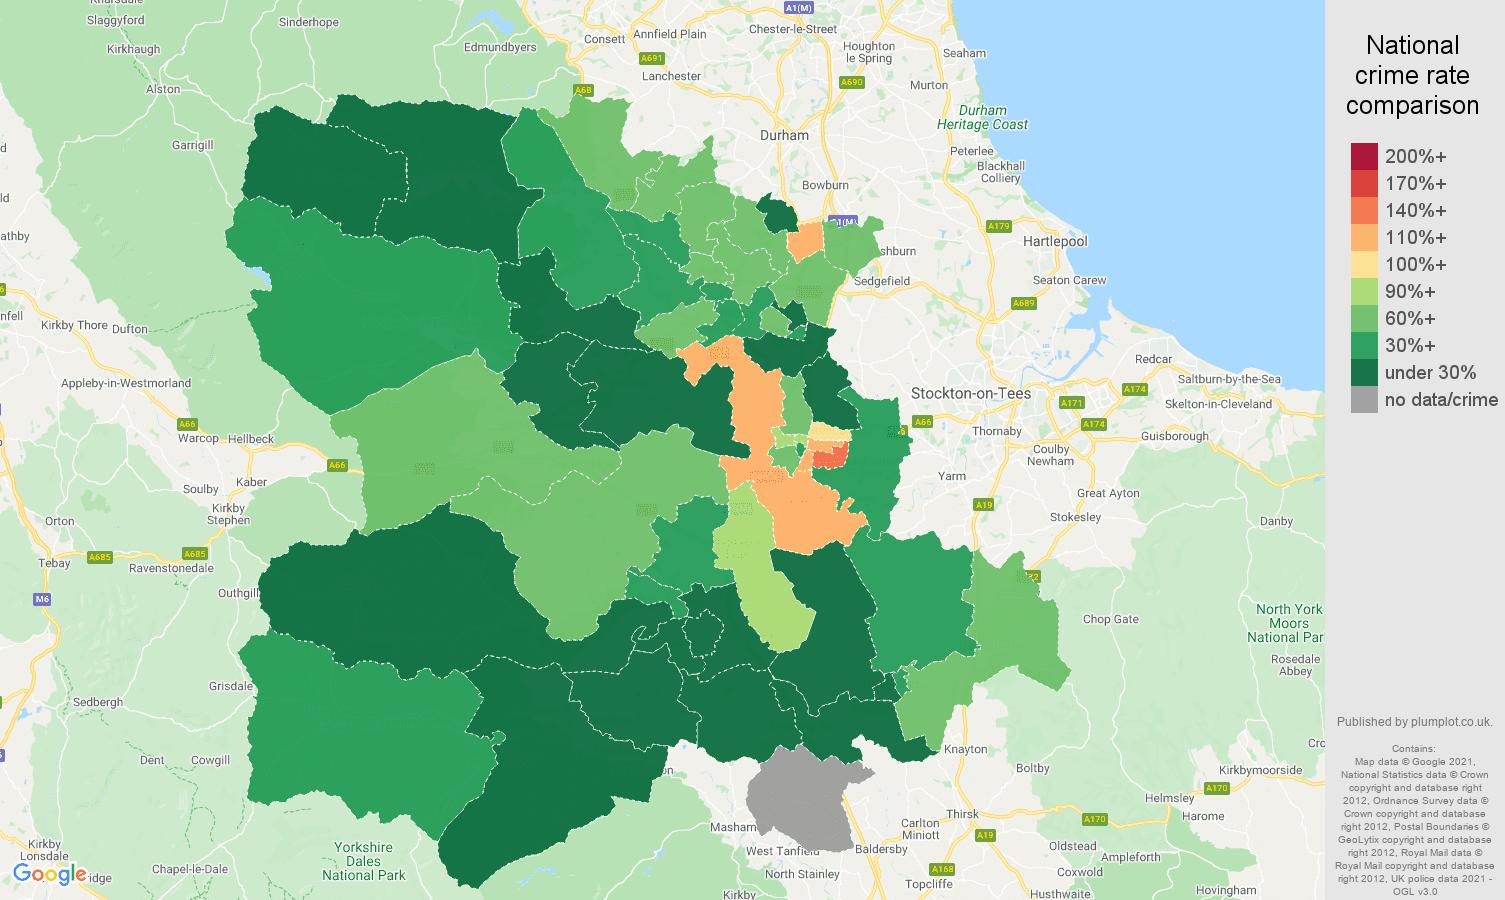 Darlington vehicle crime rate comparison map